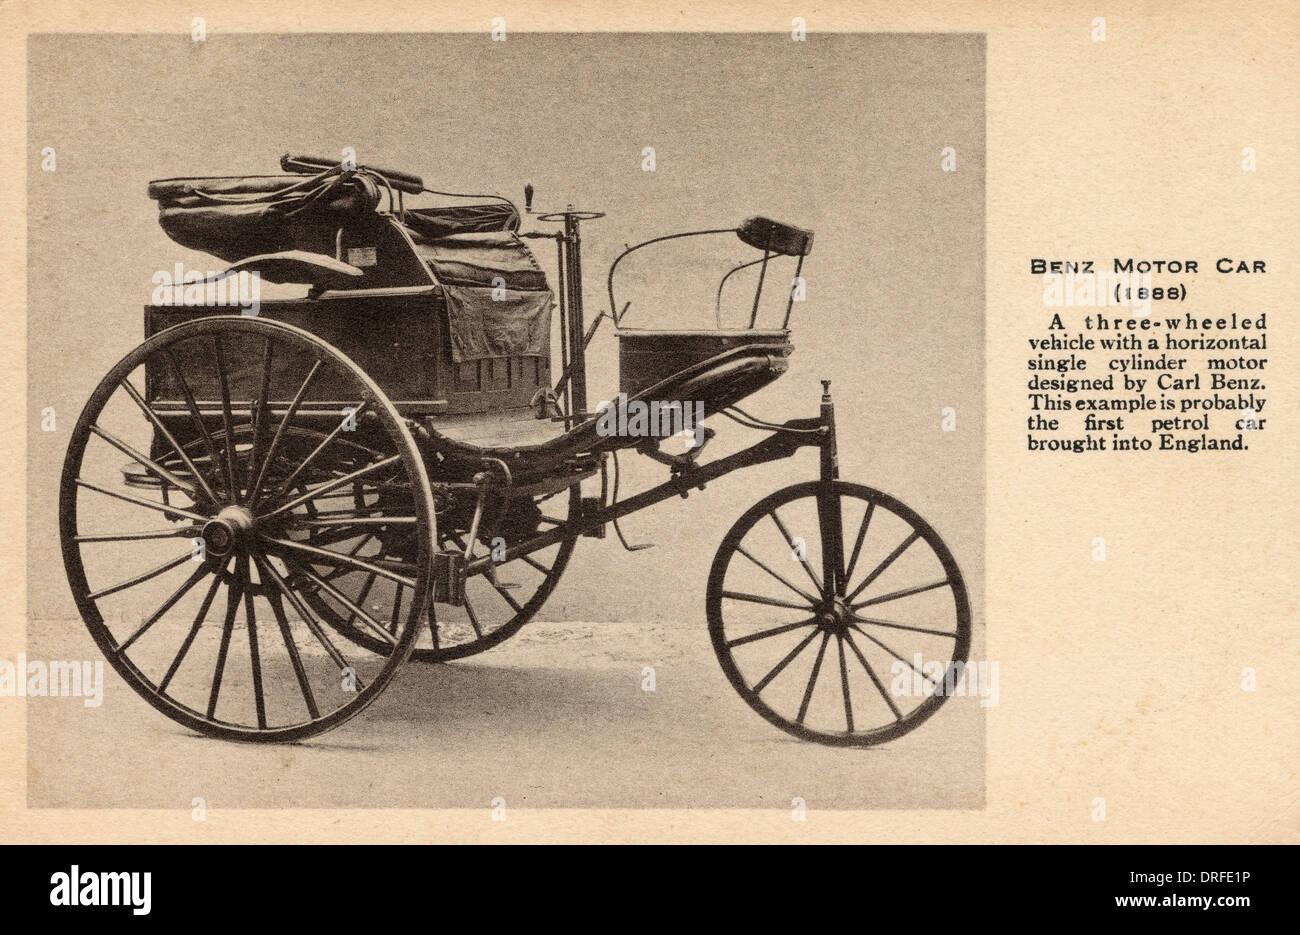 Benz Motor Car of 1888 - Stock Image